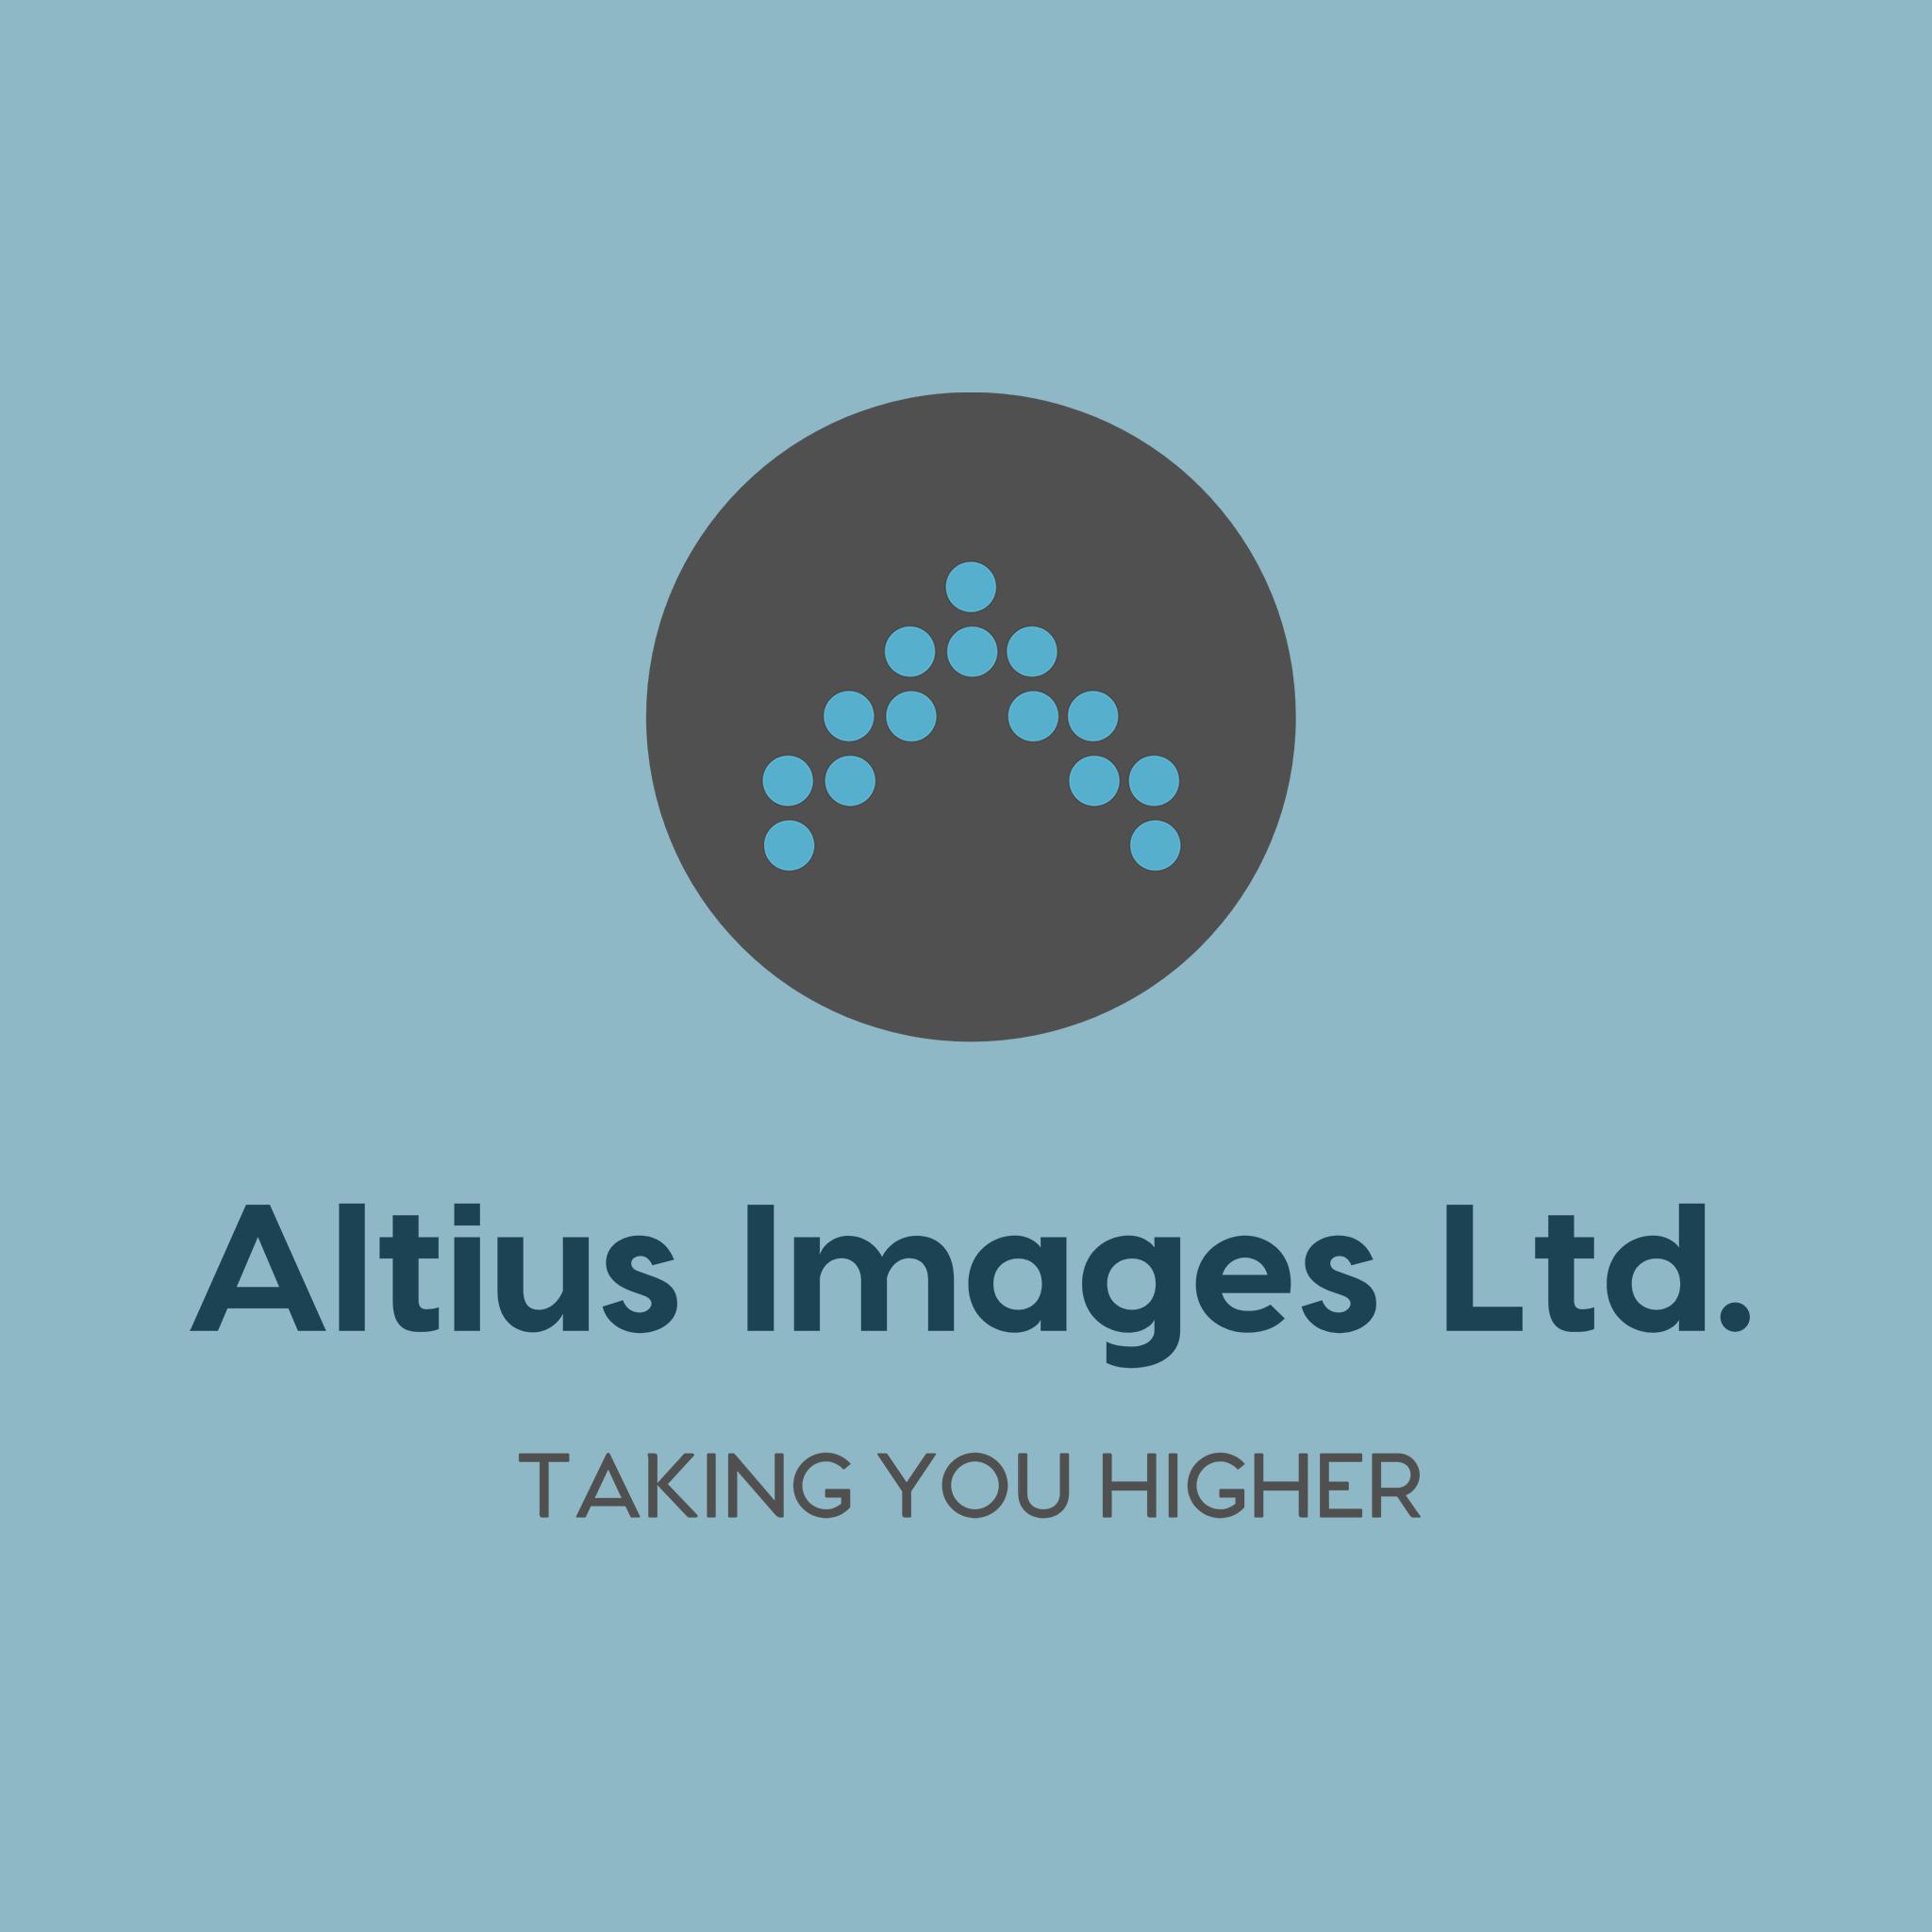 Altius Images Ltd.